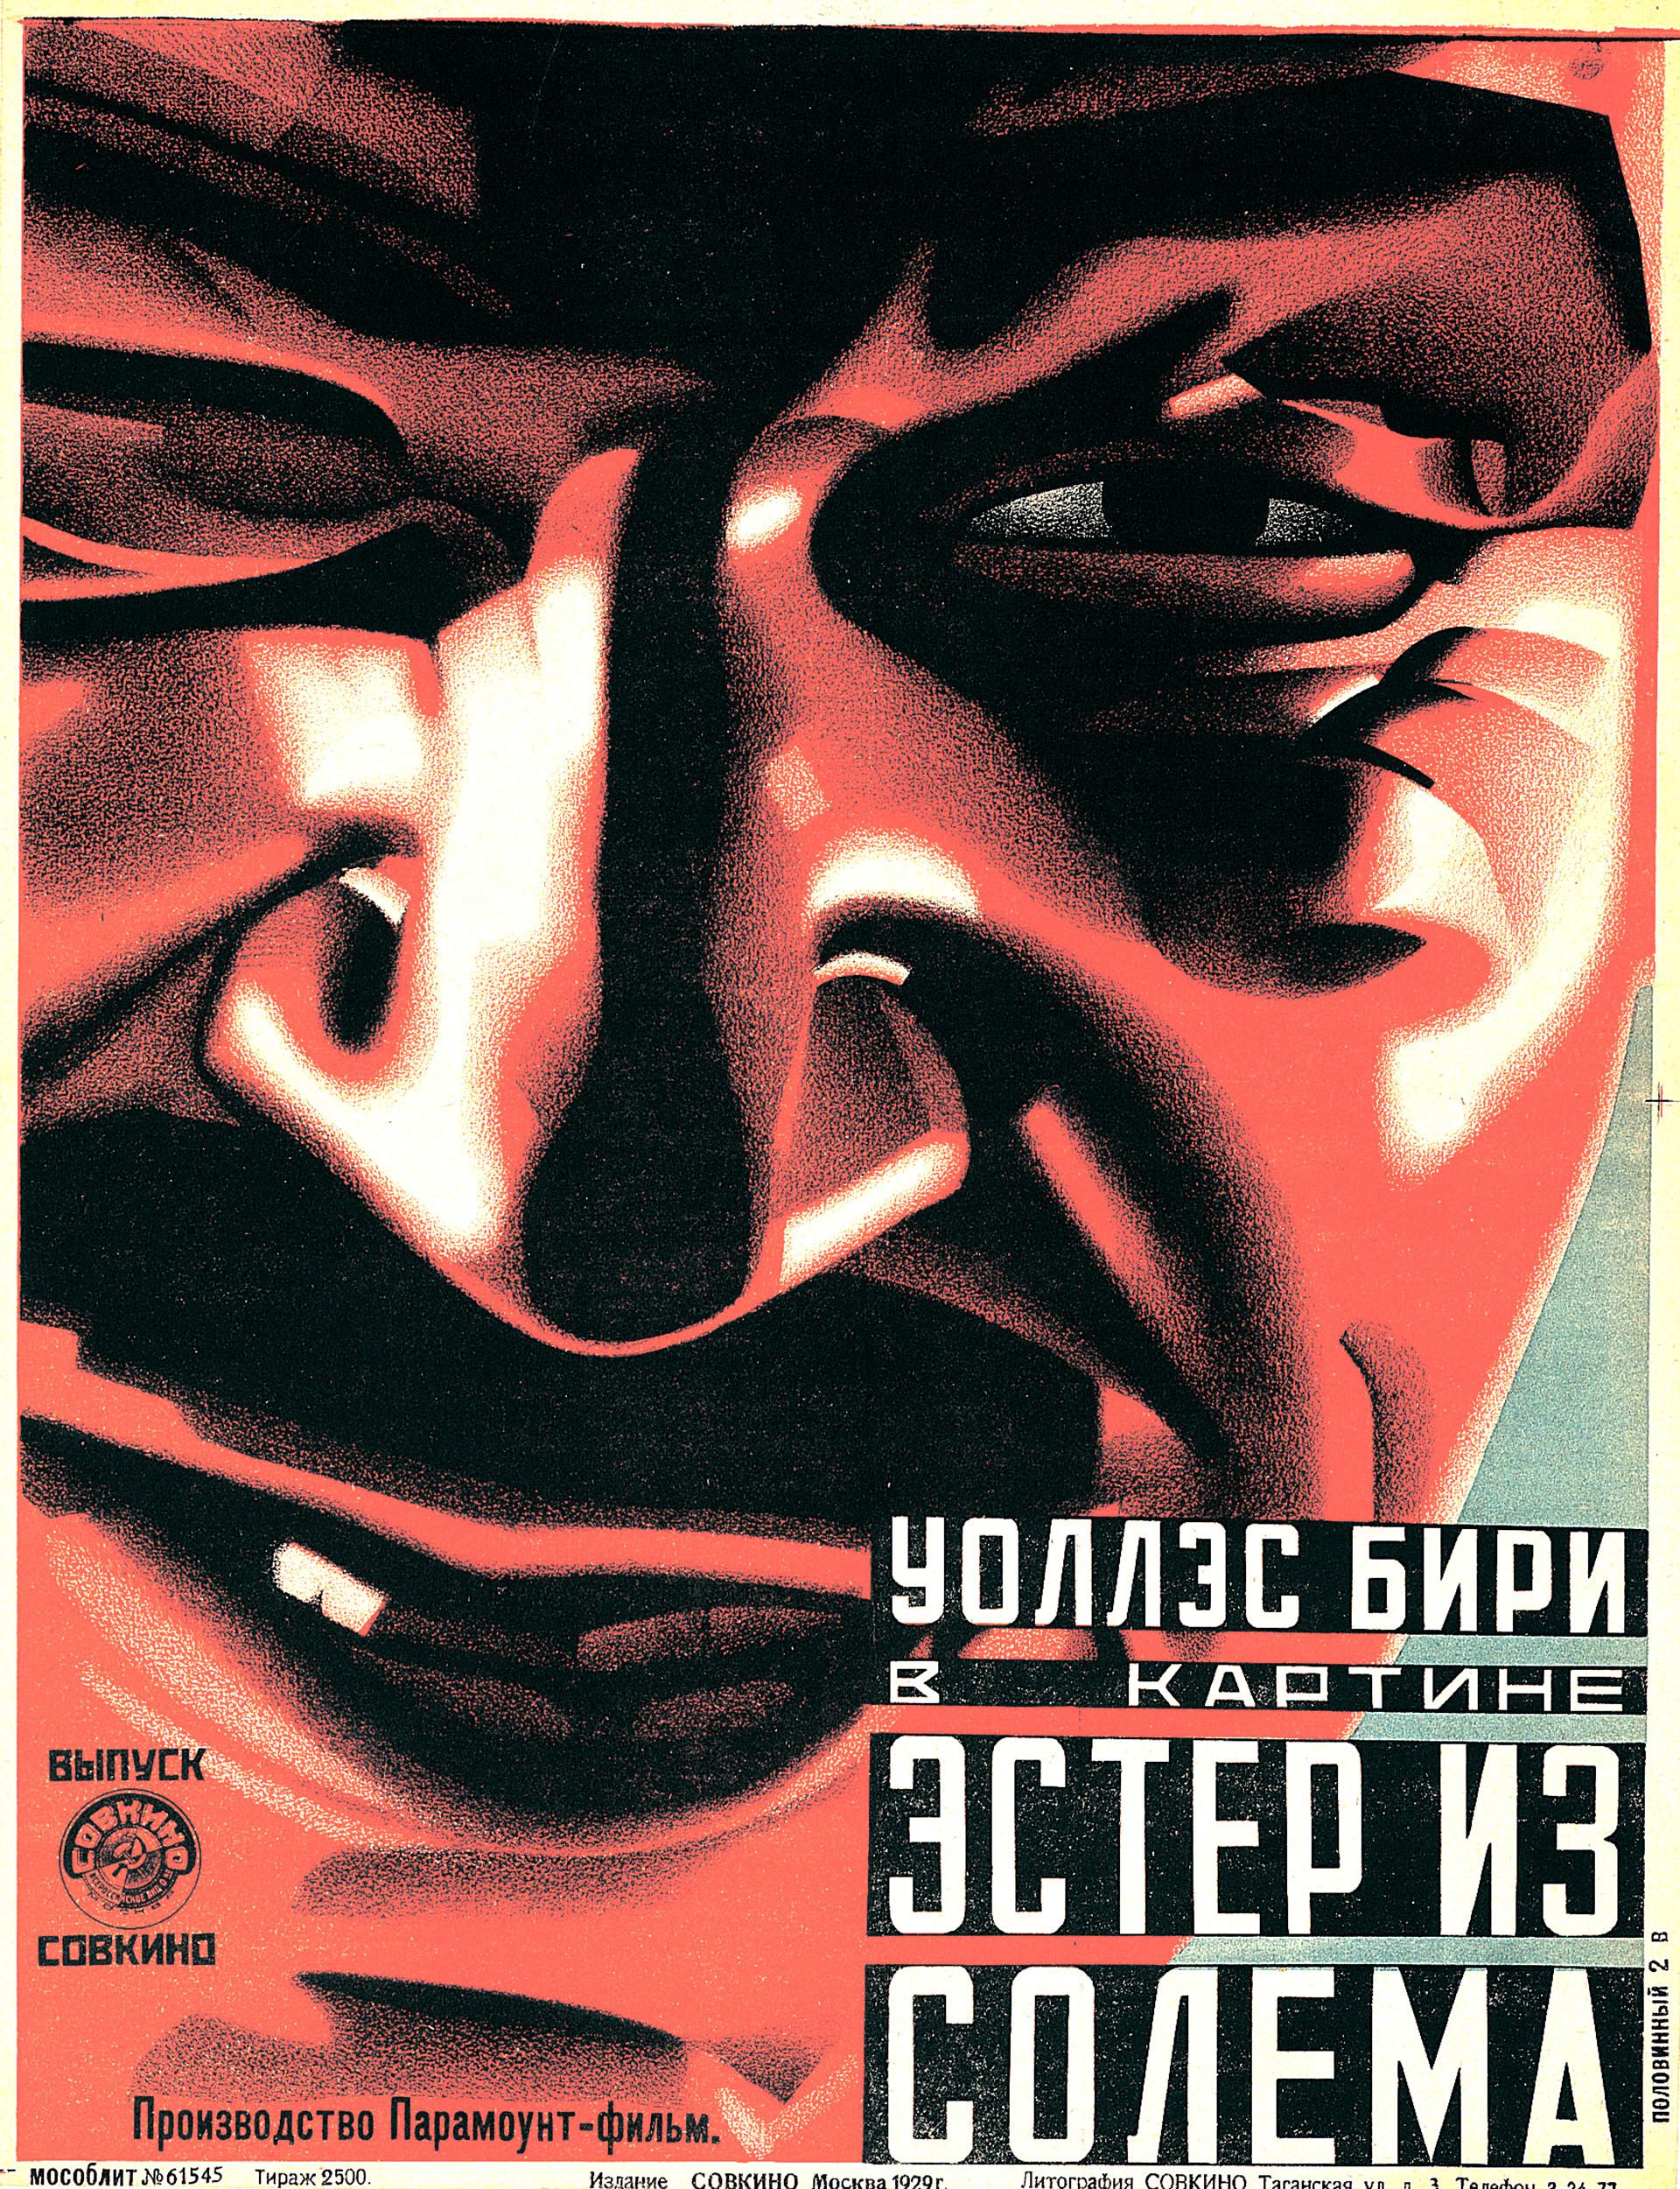 Anónimo, cartel para la película 'Ester iz Solema', 1929.